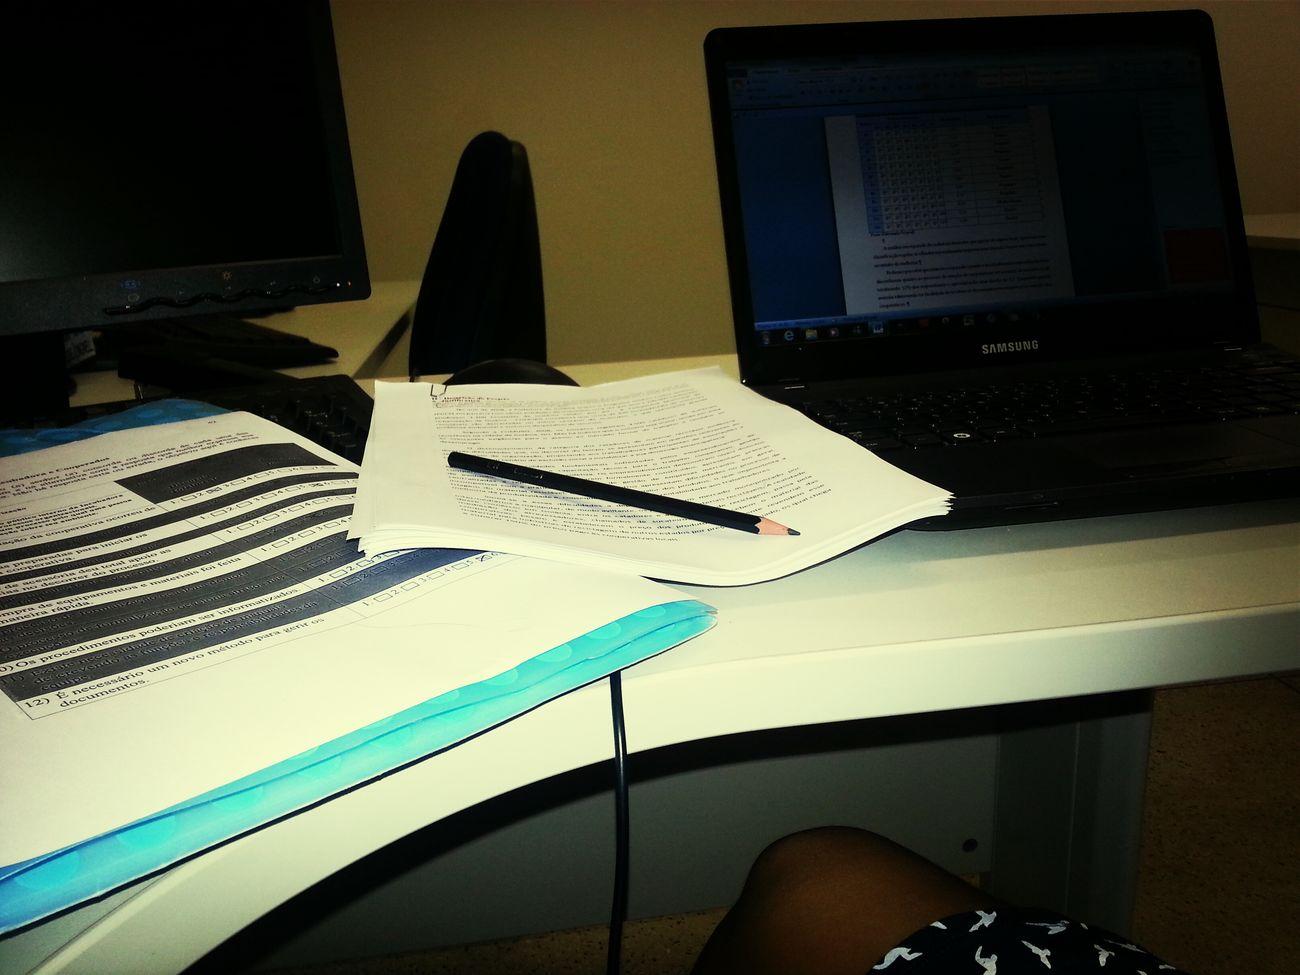 Não ta fácil pra ninguém Learning Studying Tired!